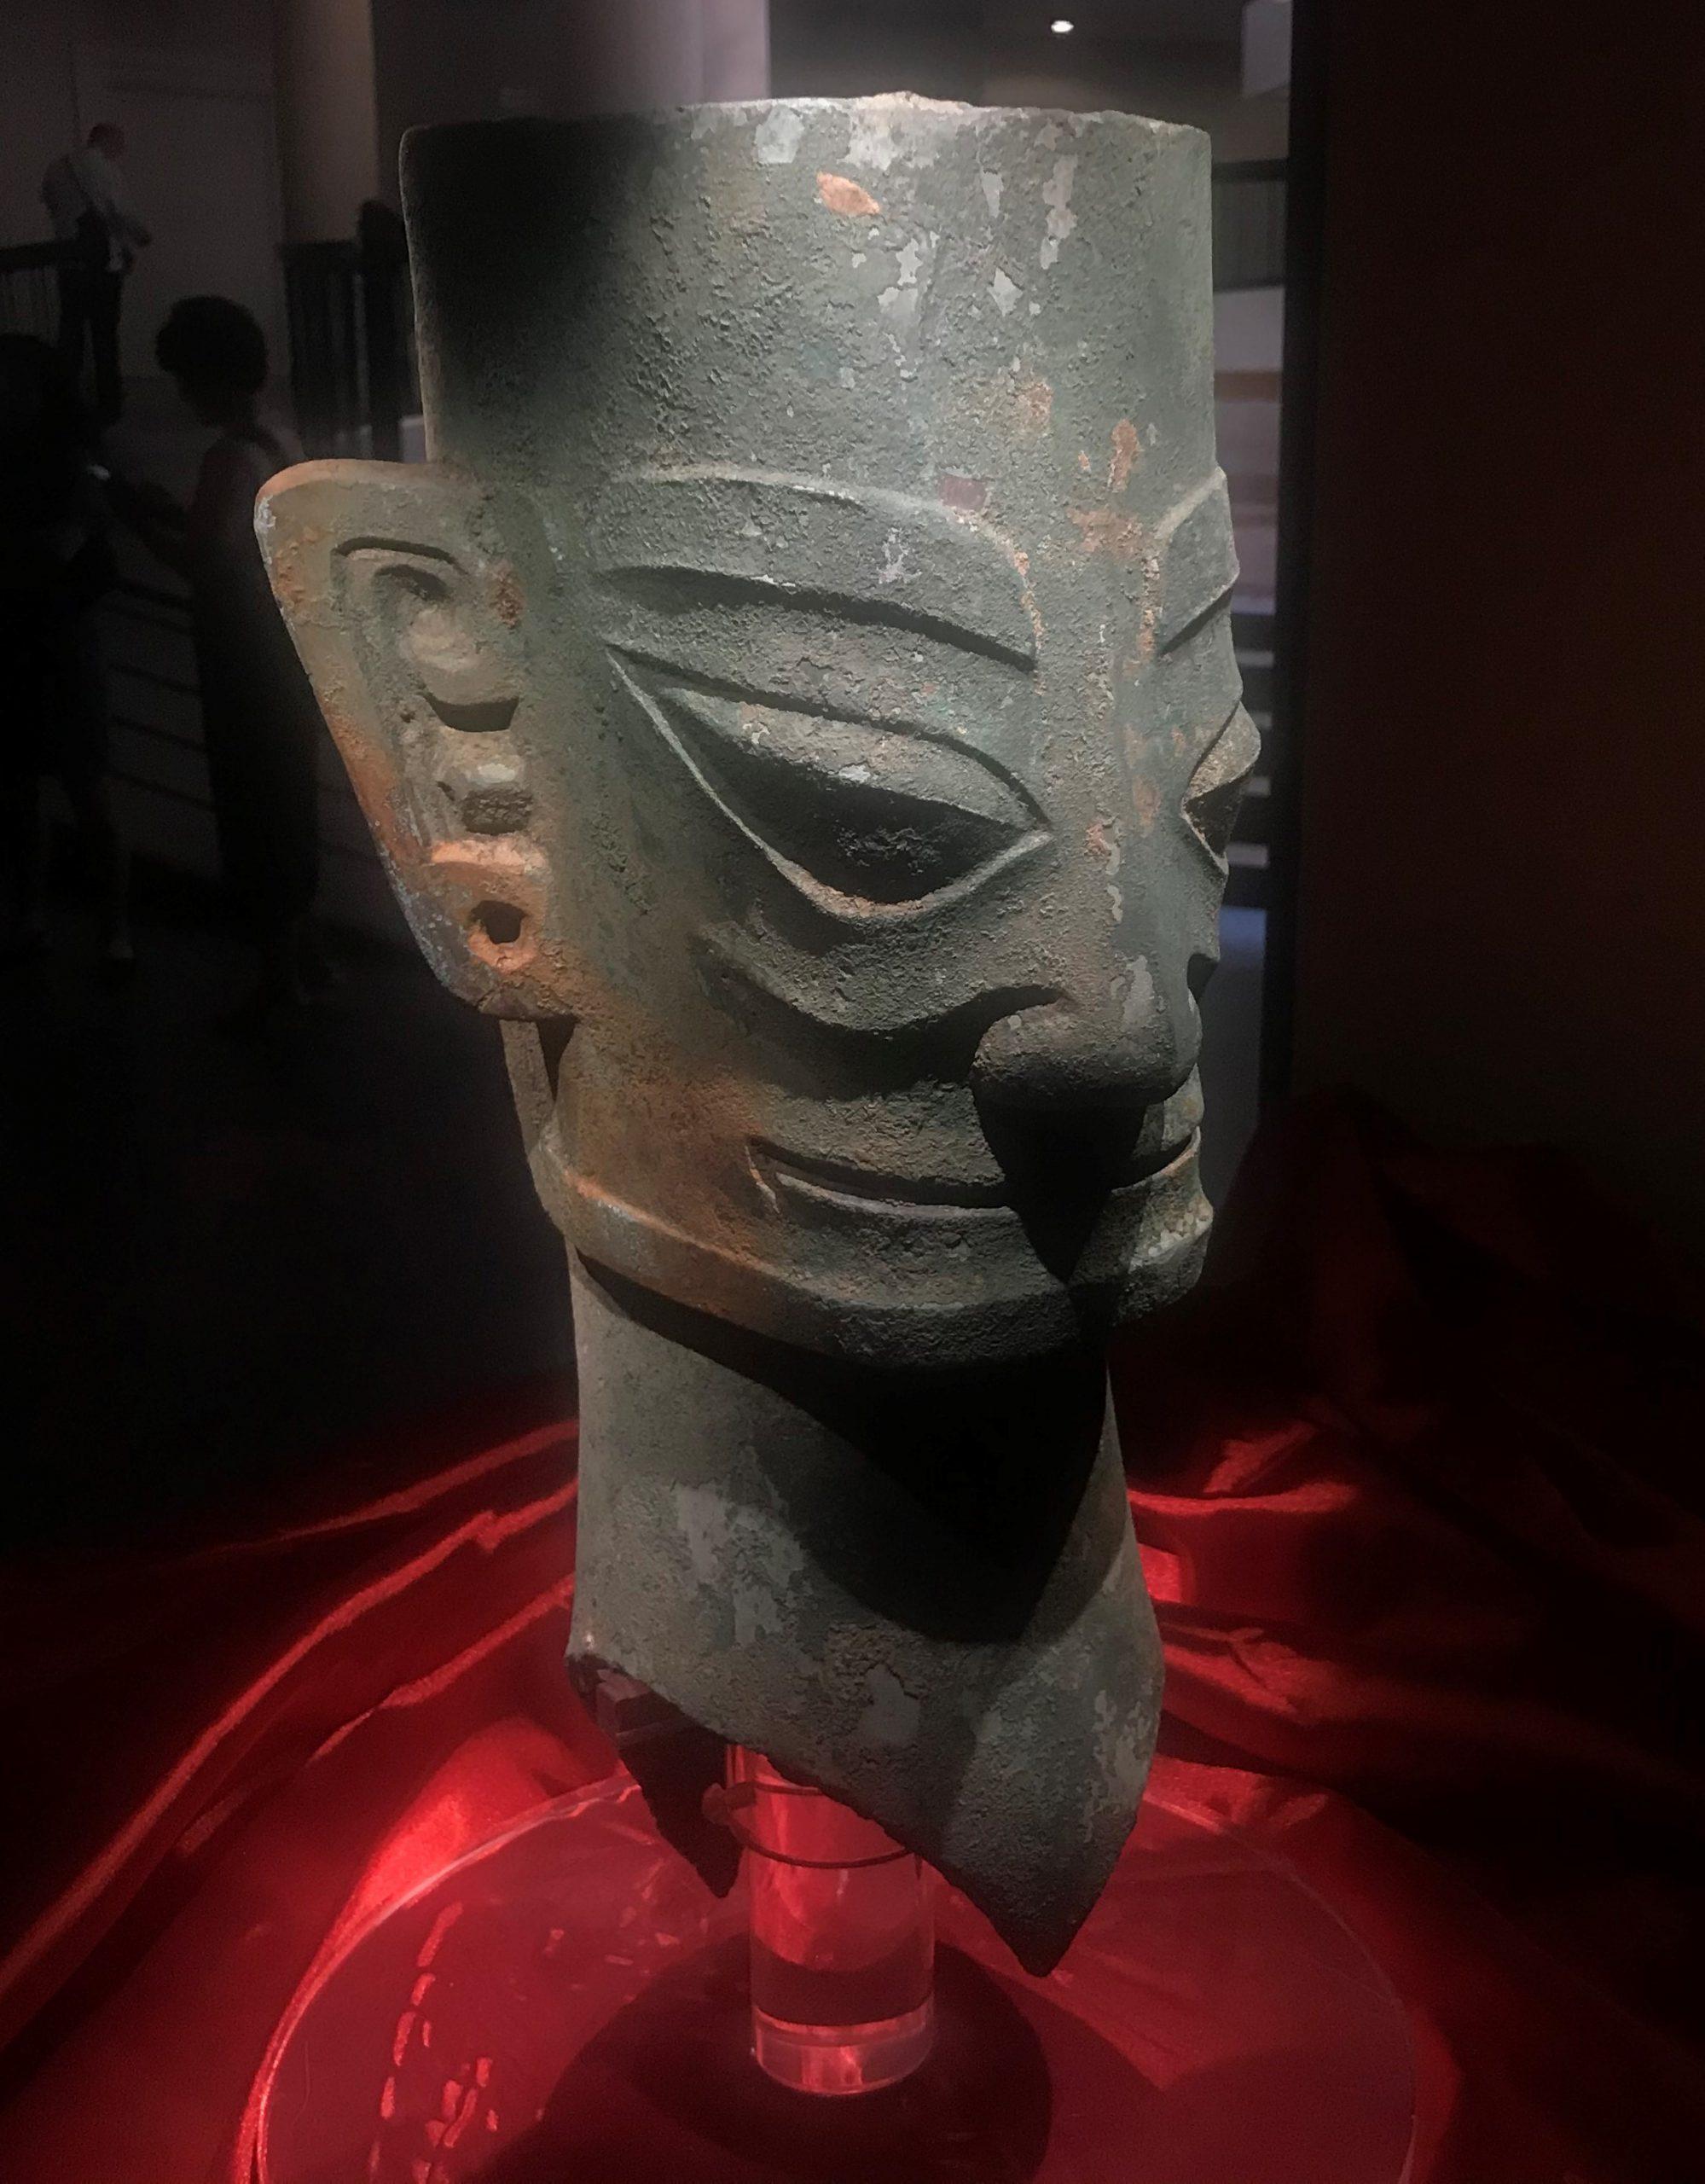 青銅人頭像3-青銅器館-三星堆博物館-広漢市-徳陽市-四川省